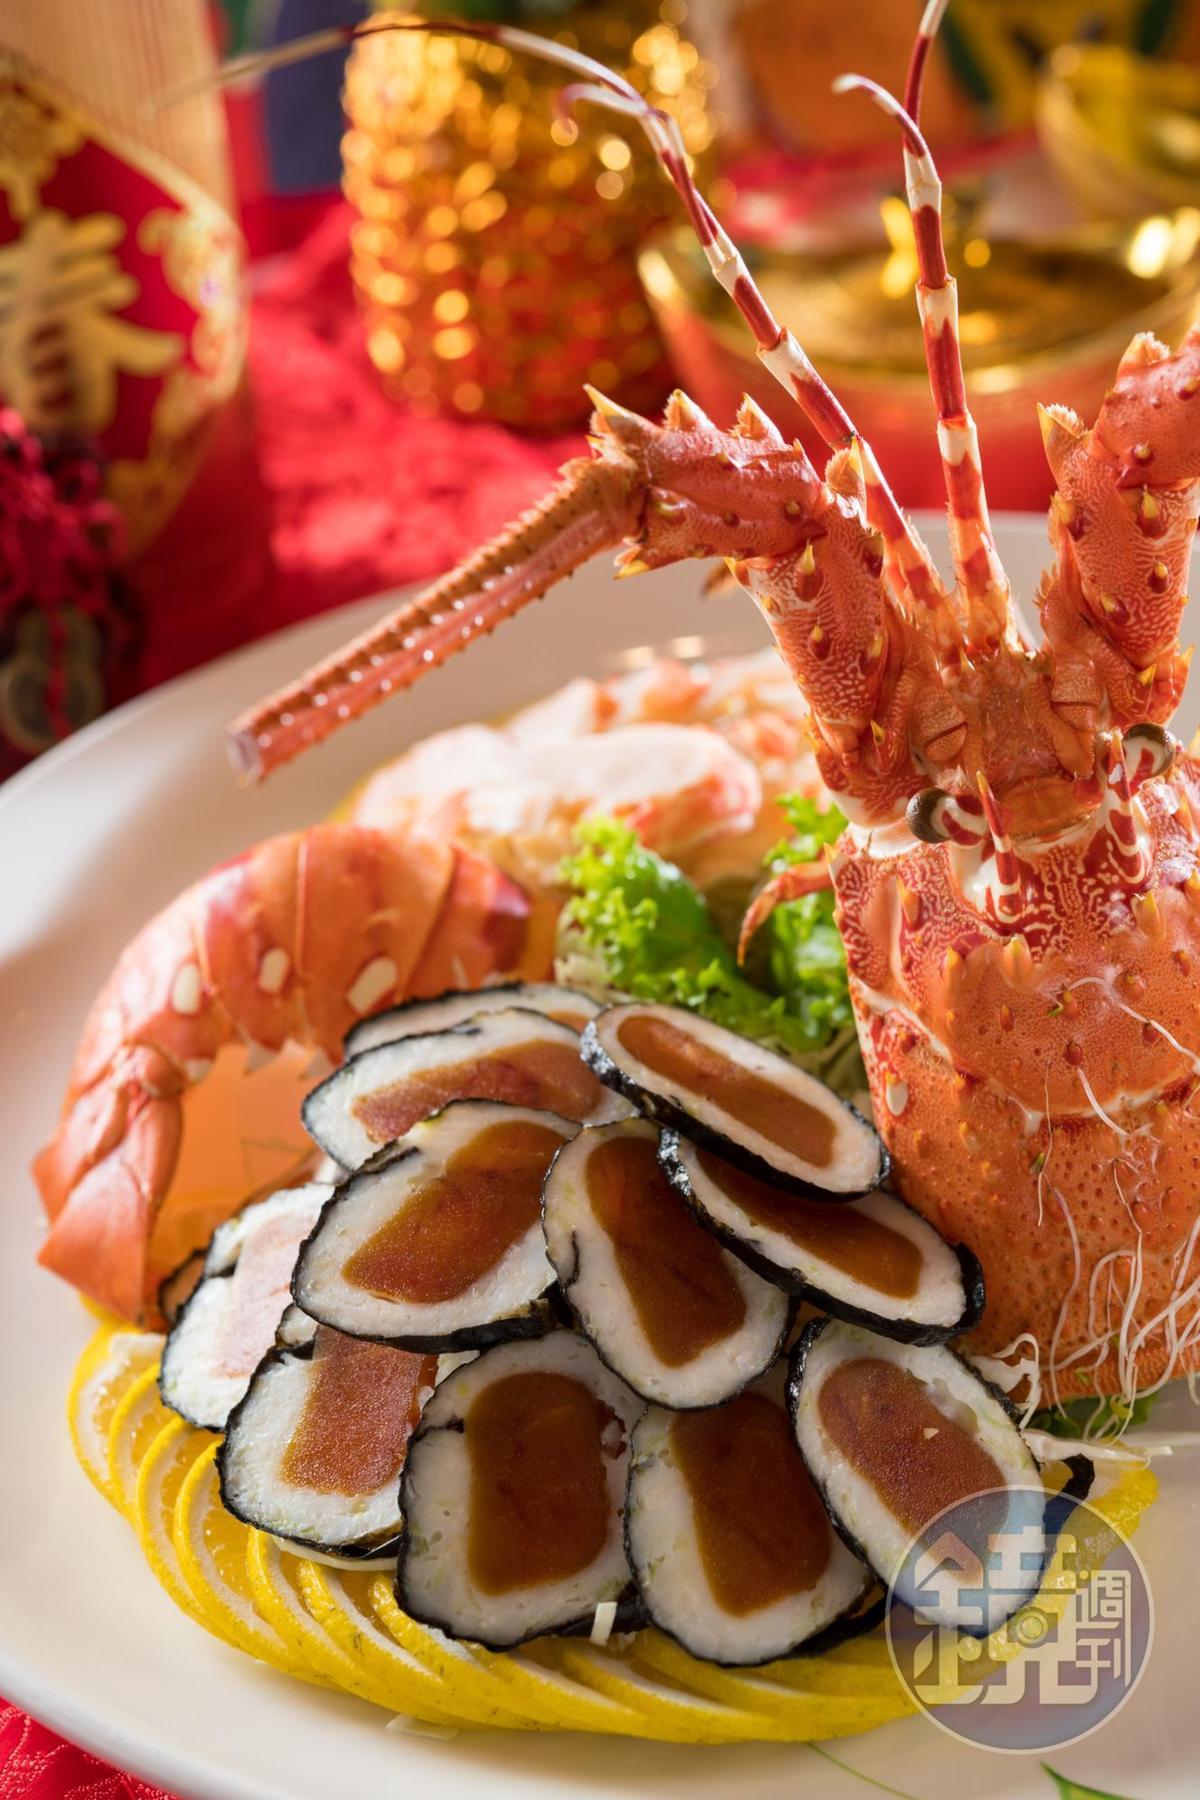 「精緻龍蝦三拼盤」以龍蝦、花枝漿烏魚子和芹菜龍膜華麗登場。(11,600元起圍爐宴菜色)